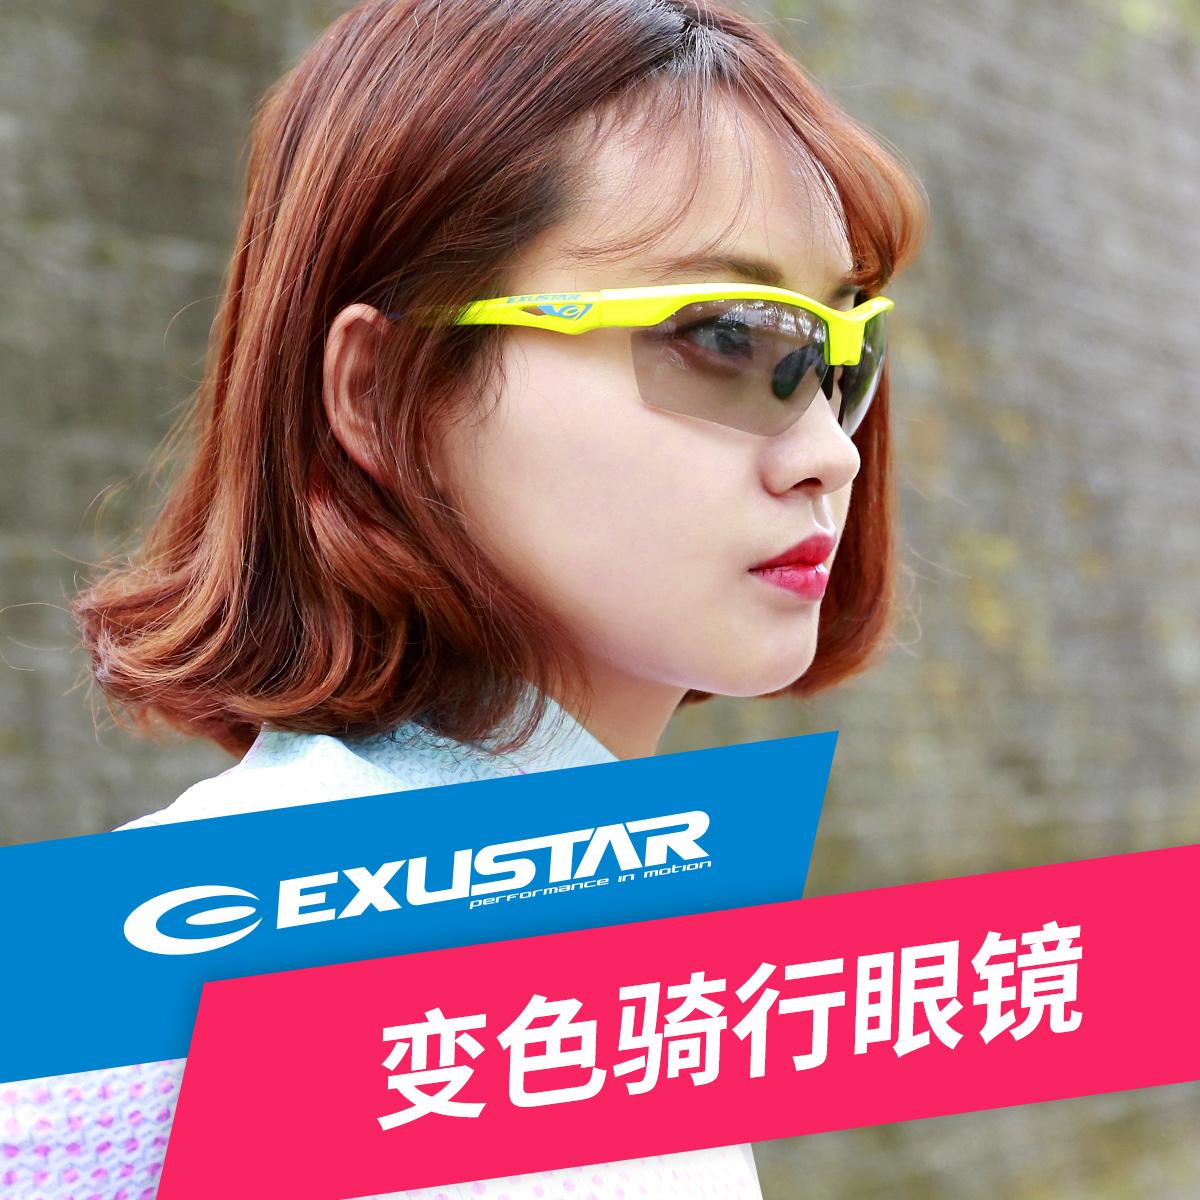 臺灣EXUSTAR浩捍變色騎行眼鏡山地公路自行車眼鏡戶外運動鏡CSG18